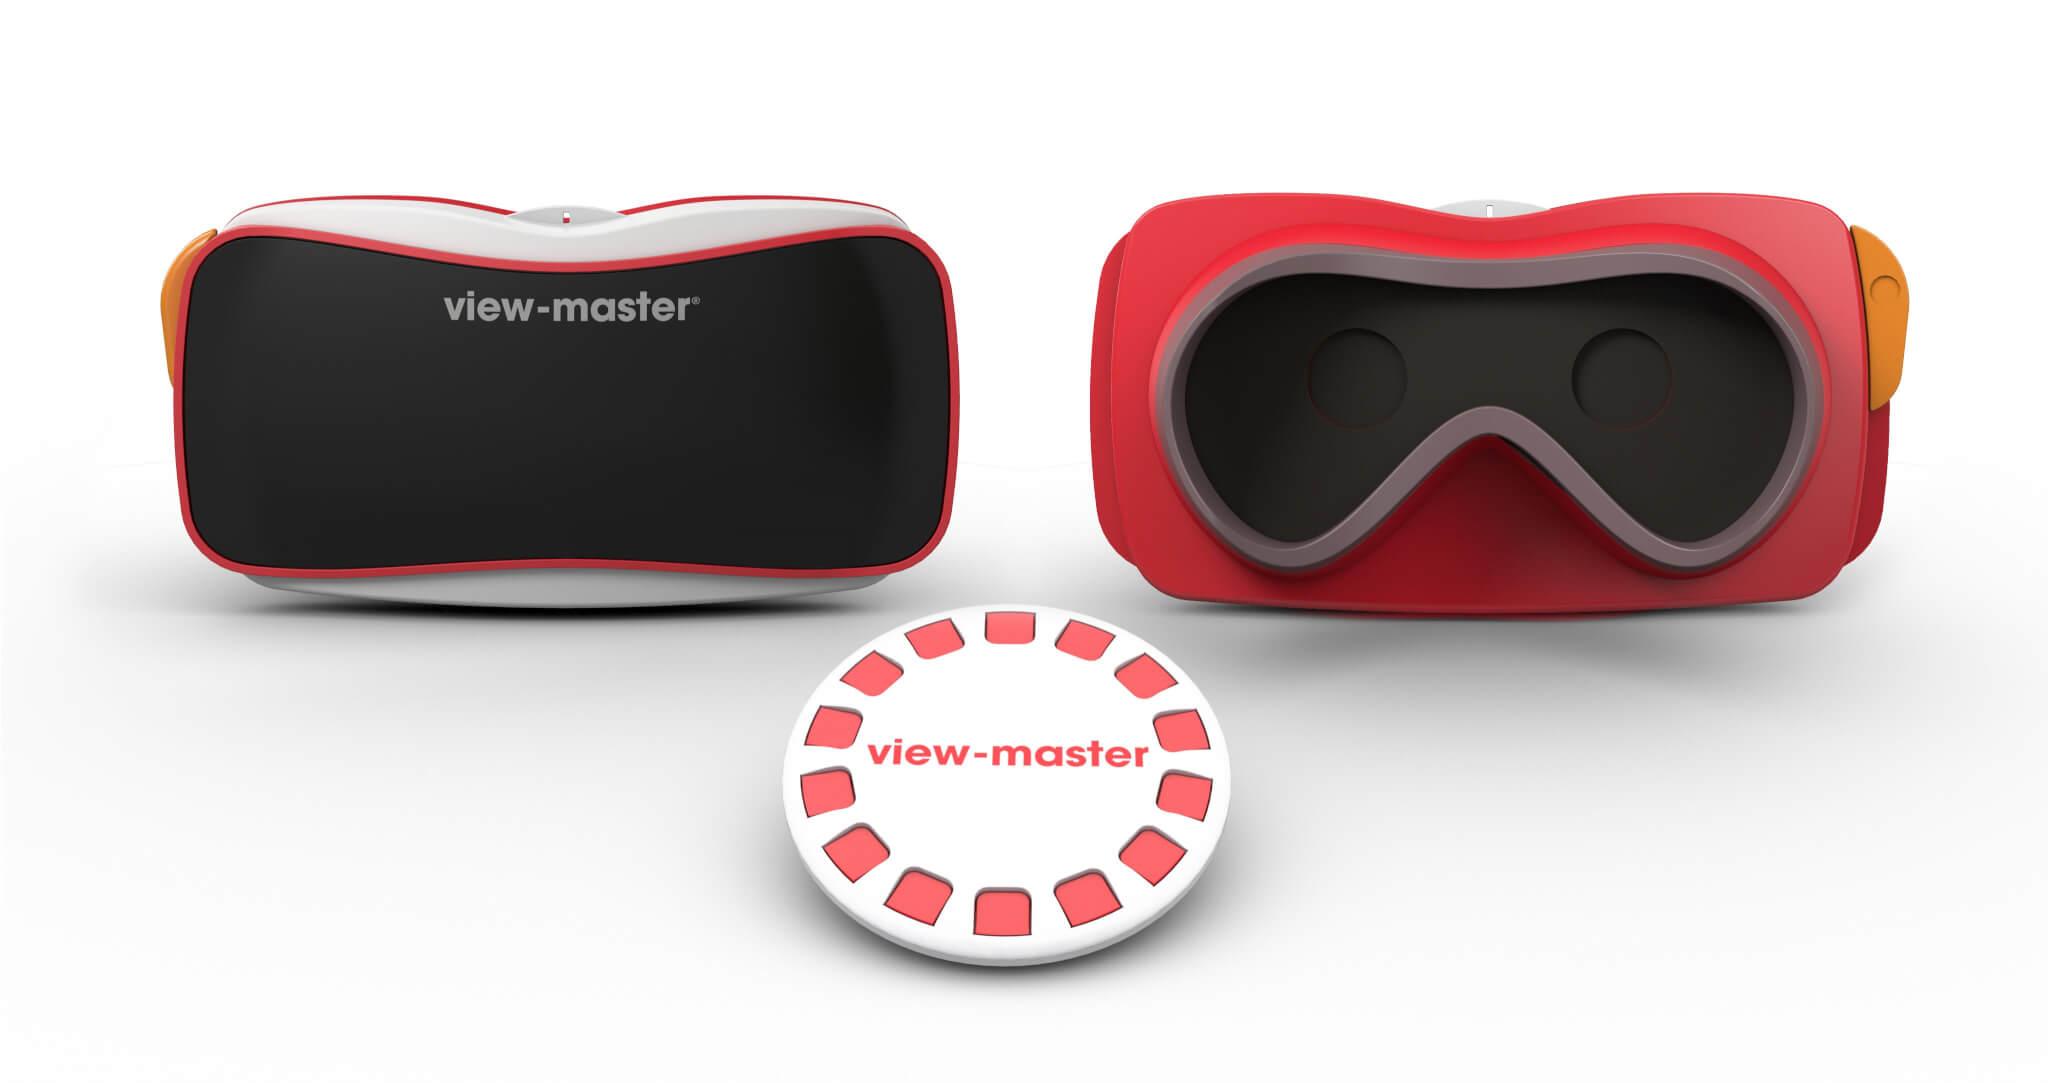 google mattel view master - A realidade virtual que o Google quer trazer para nossos filhos